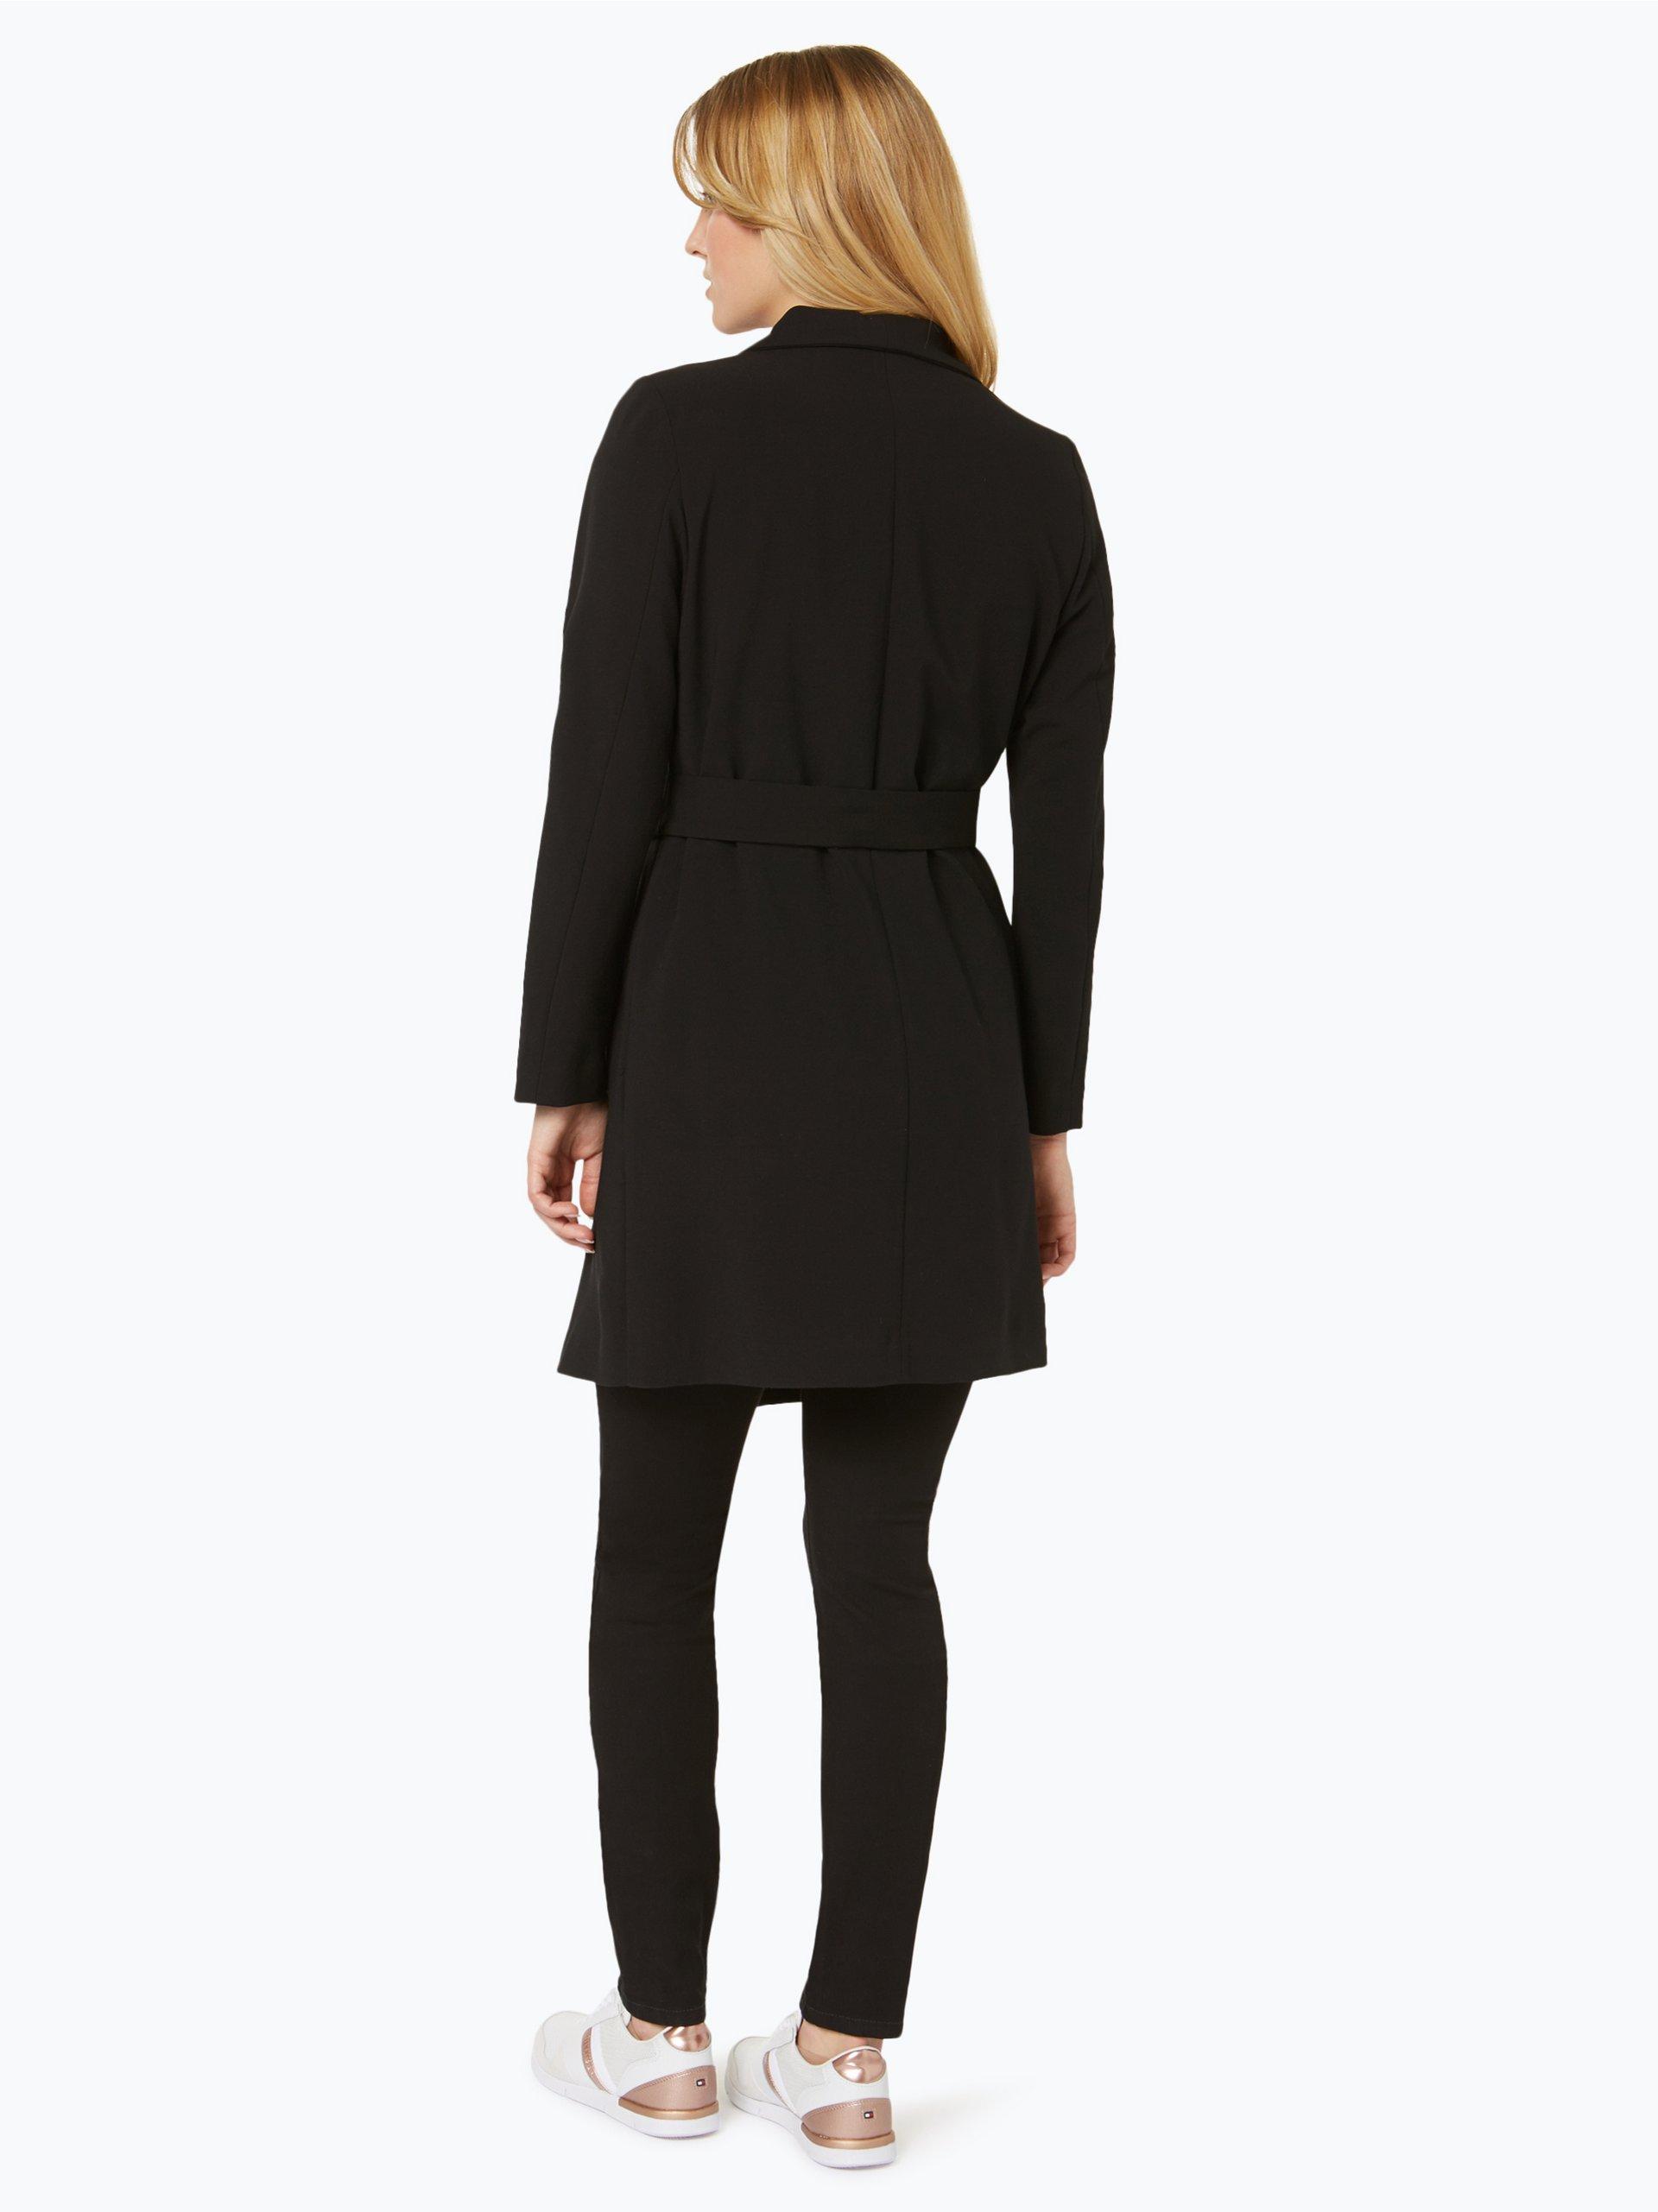 marie lund damen mantel schwarz uni online kaufen peek und cloppenburg de. Black Bedroom Furniture Sets. Home Design Ideas